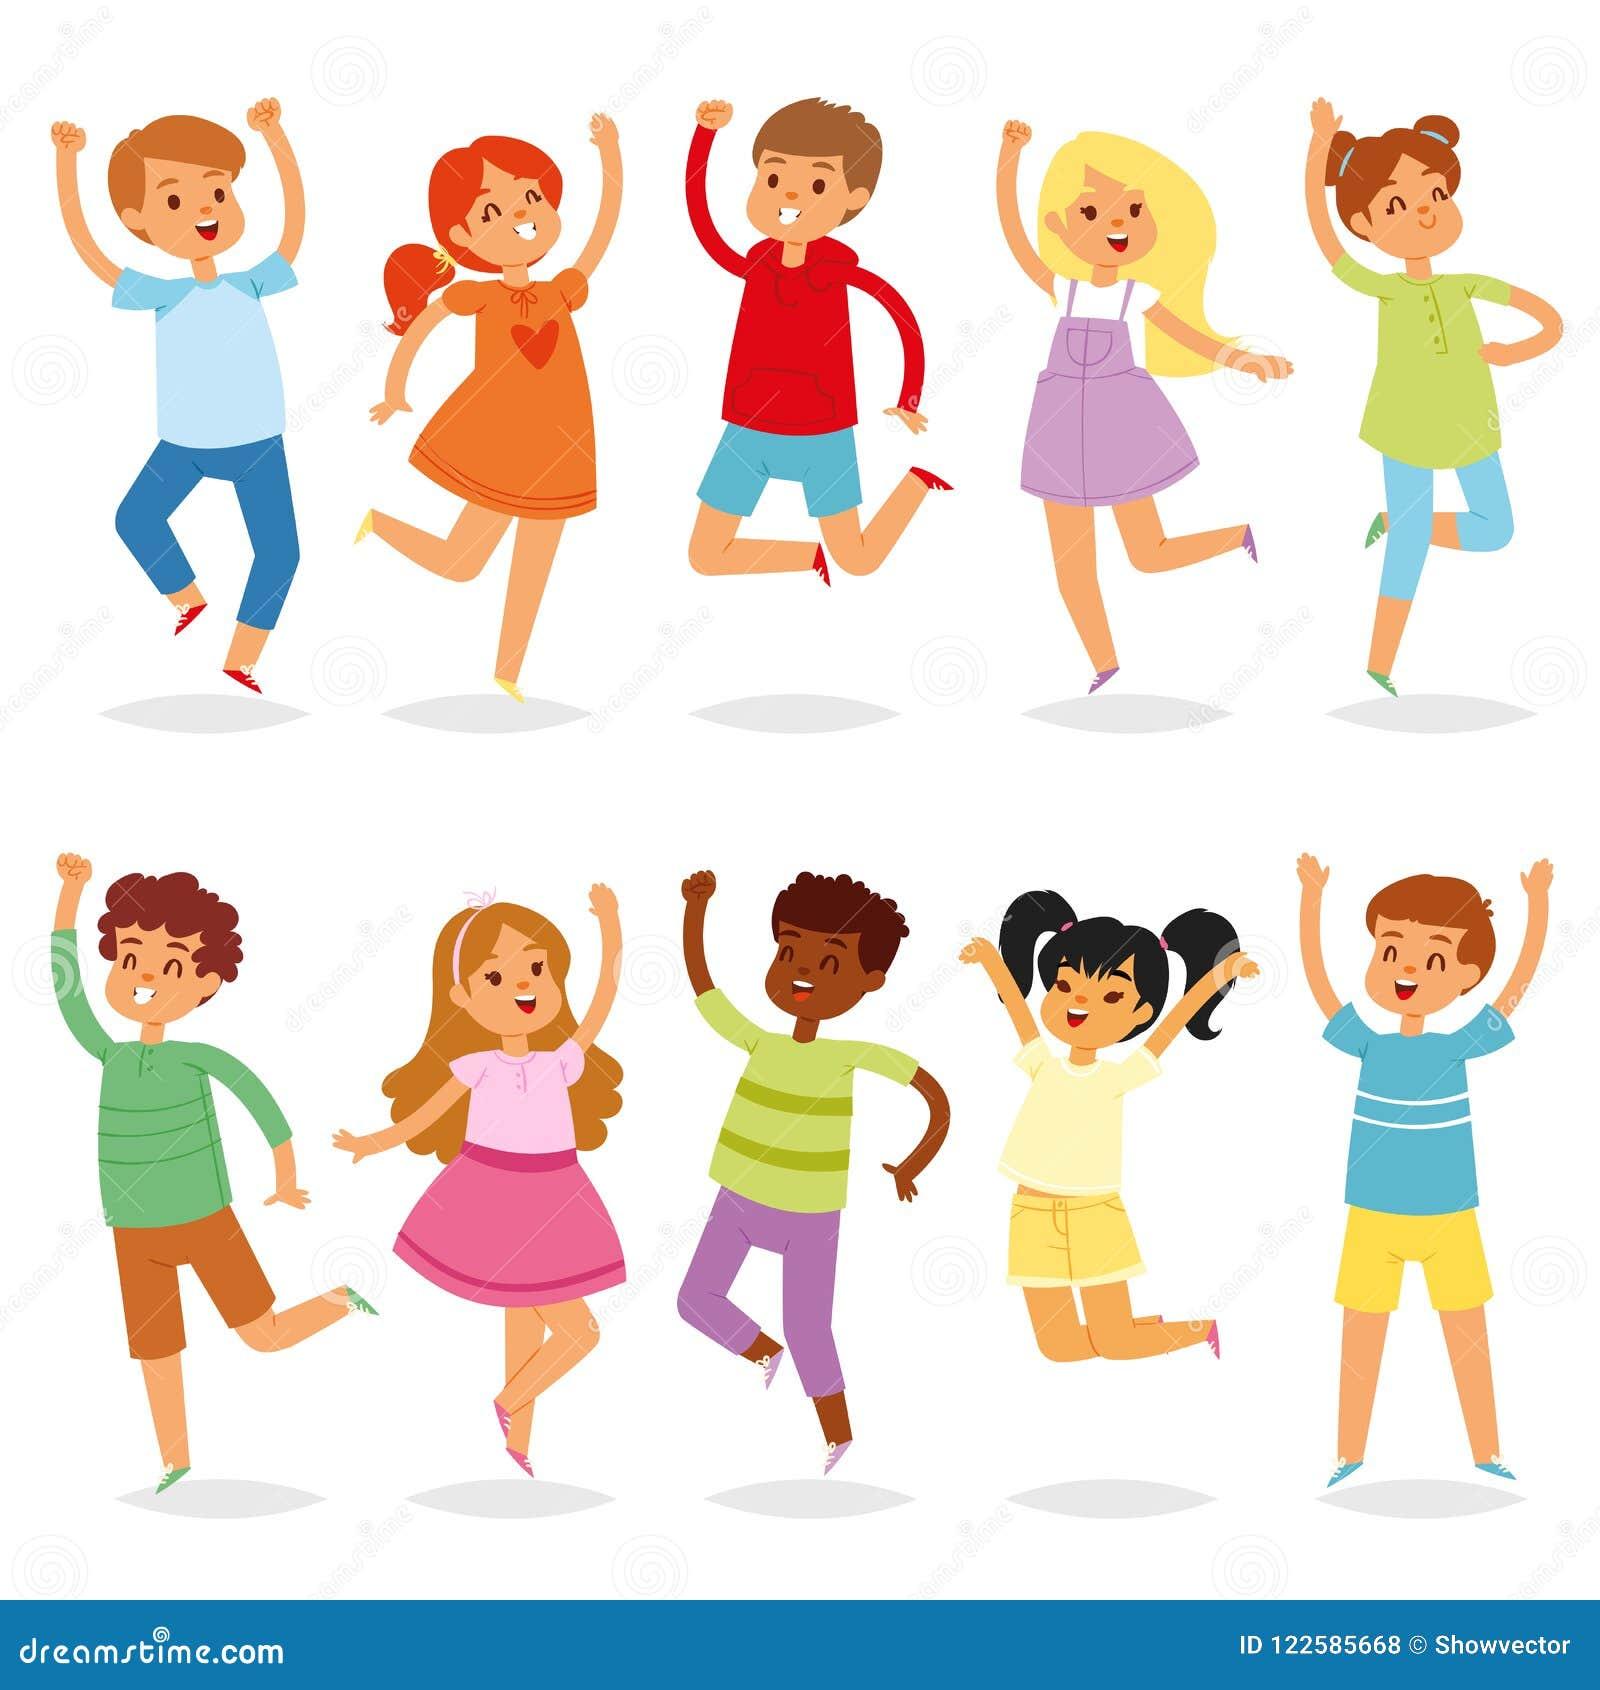 Carácter de salto del niño de Yong del vector de los niños en actividad del salto en el sistema del ejemplo de la niñez de niños